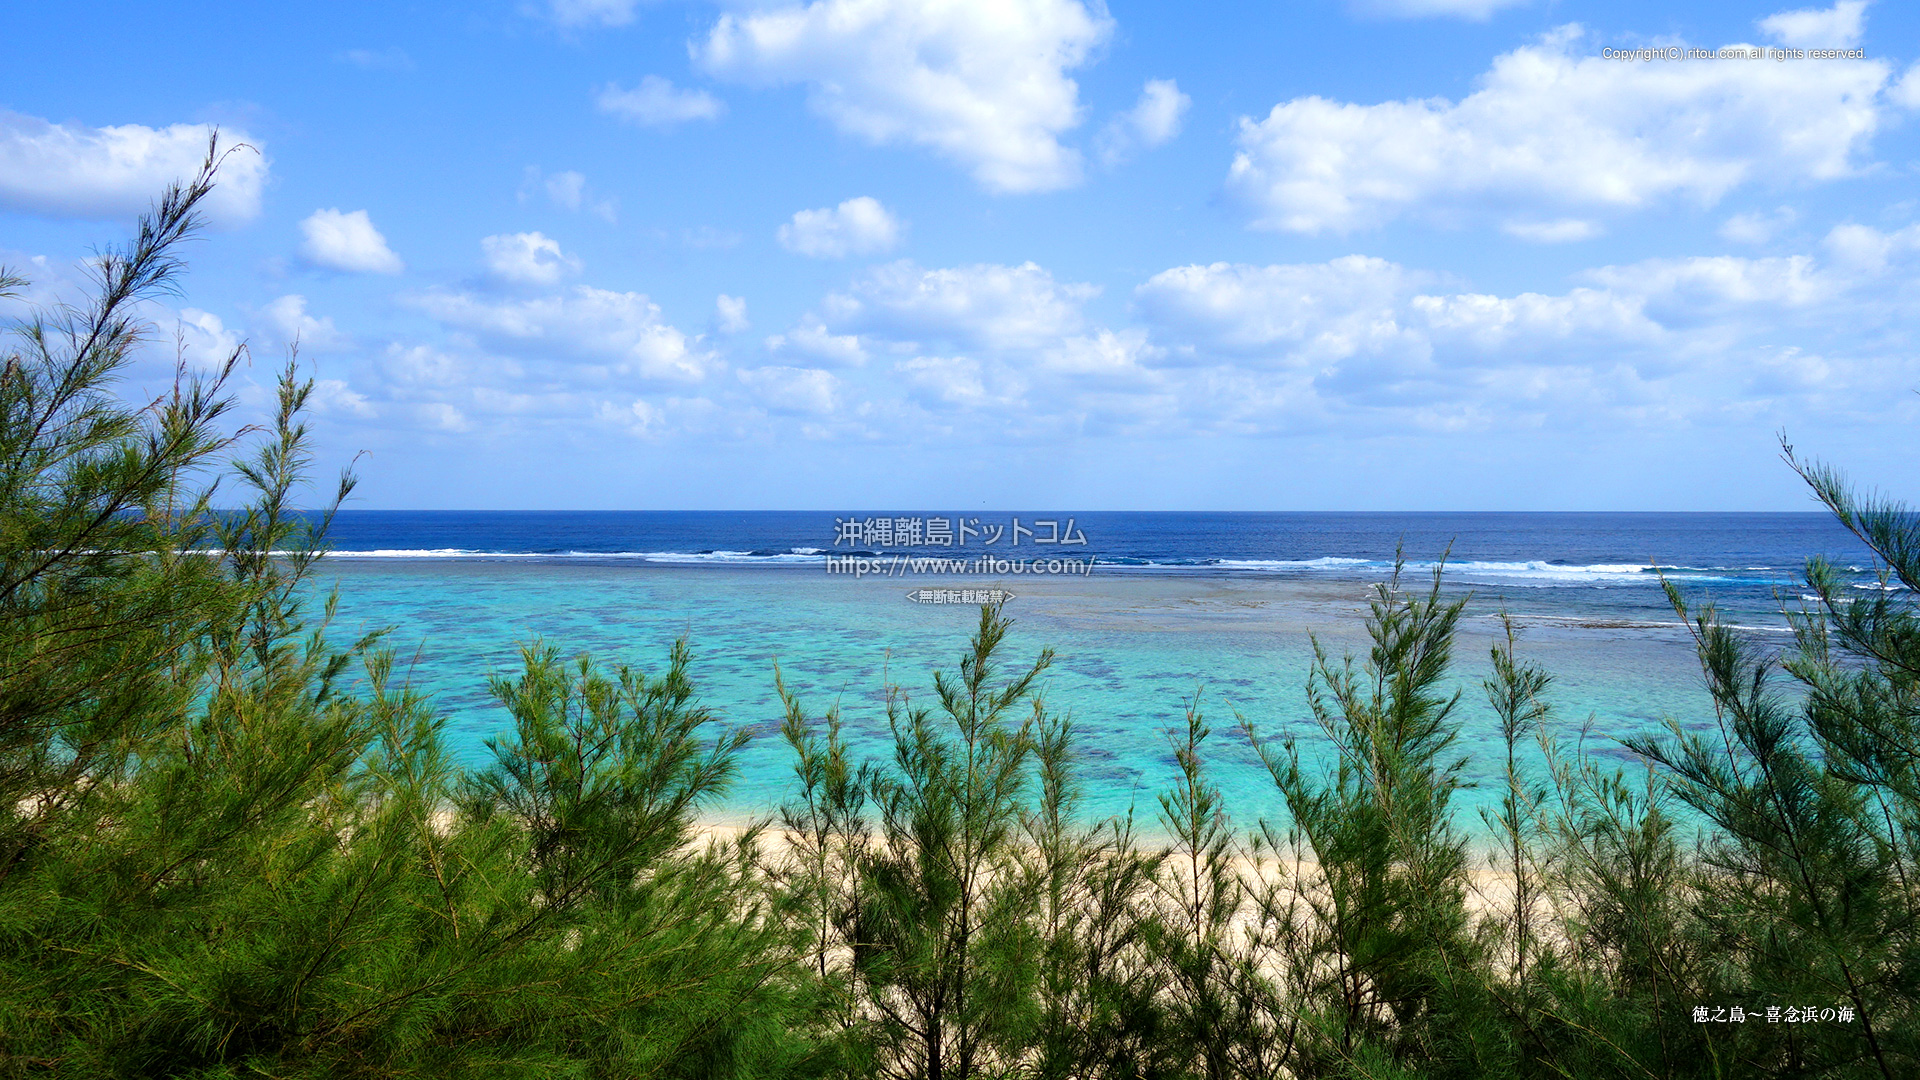 徳之島〜喜念浜の海